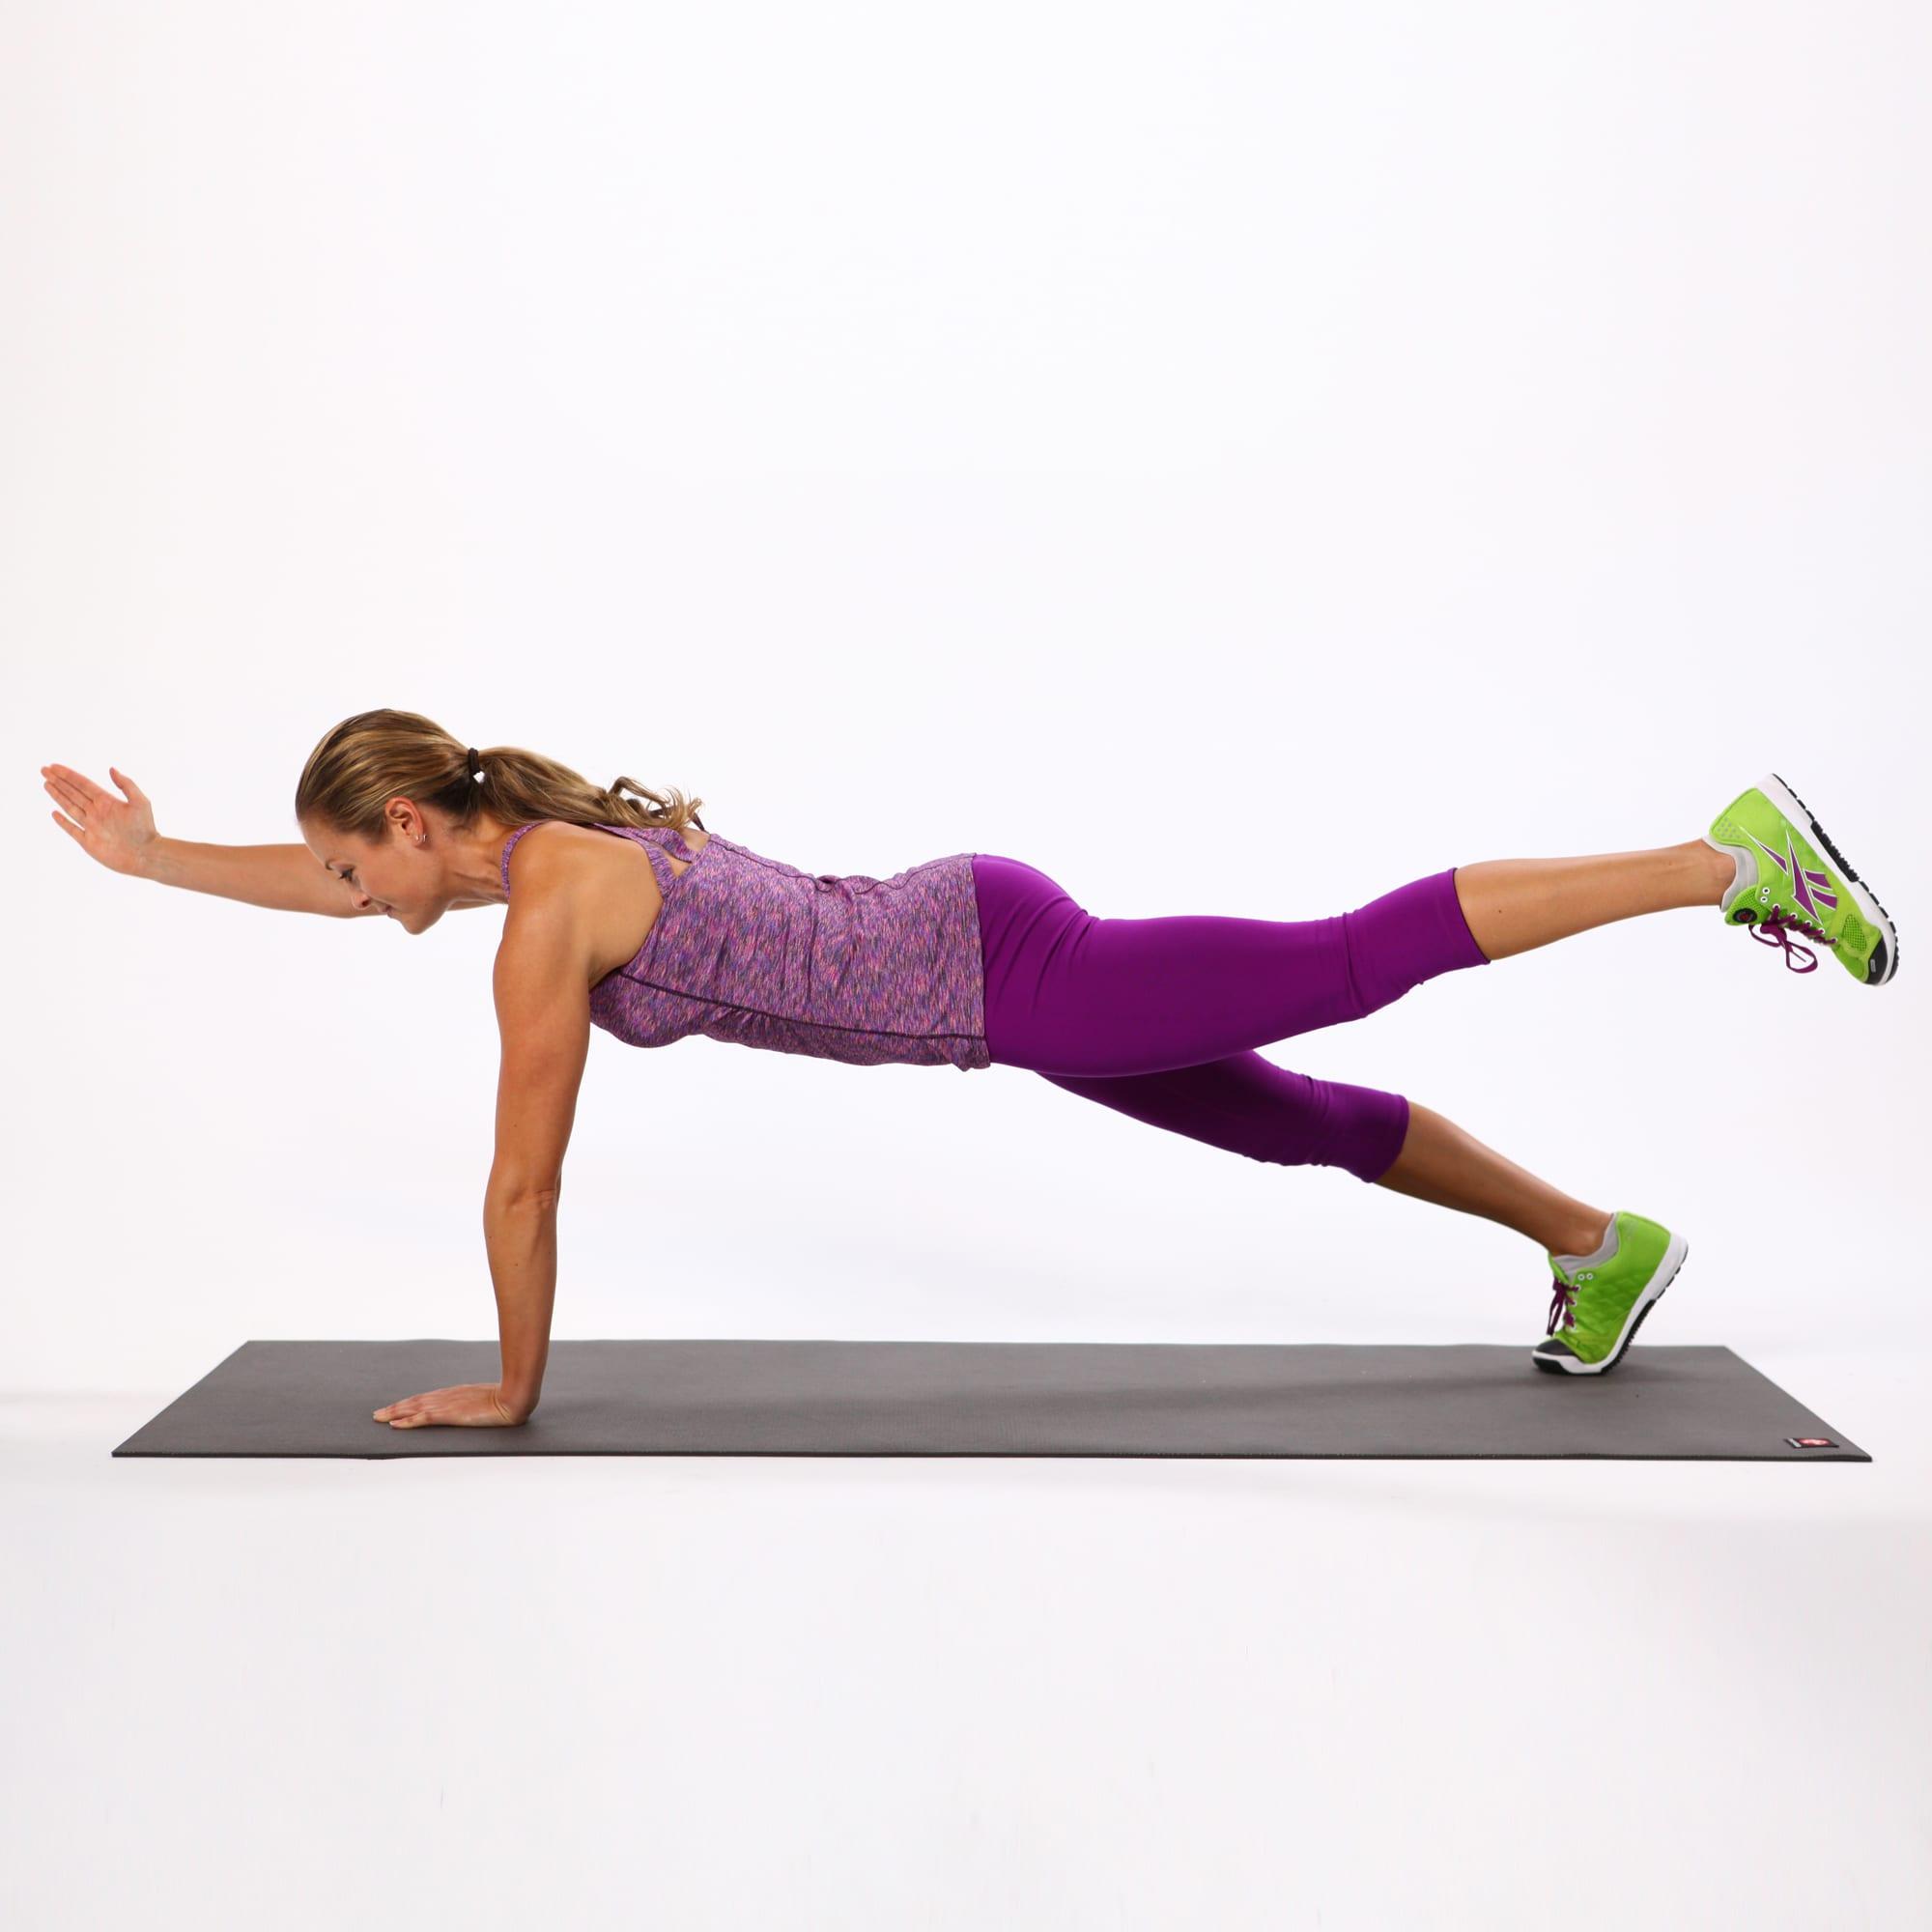 Что будет если выполнять упражнение планка каждый день